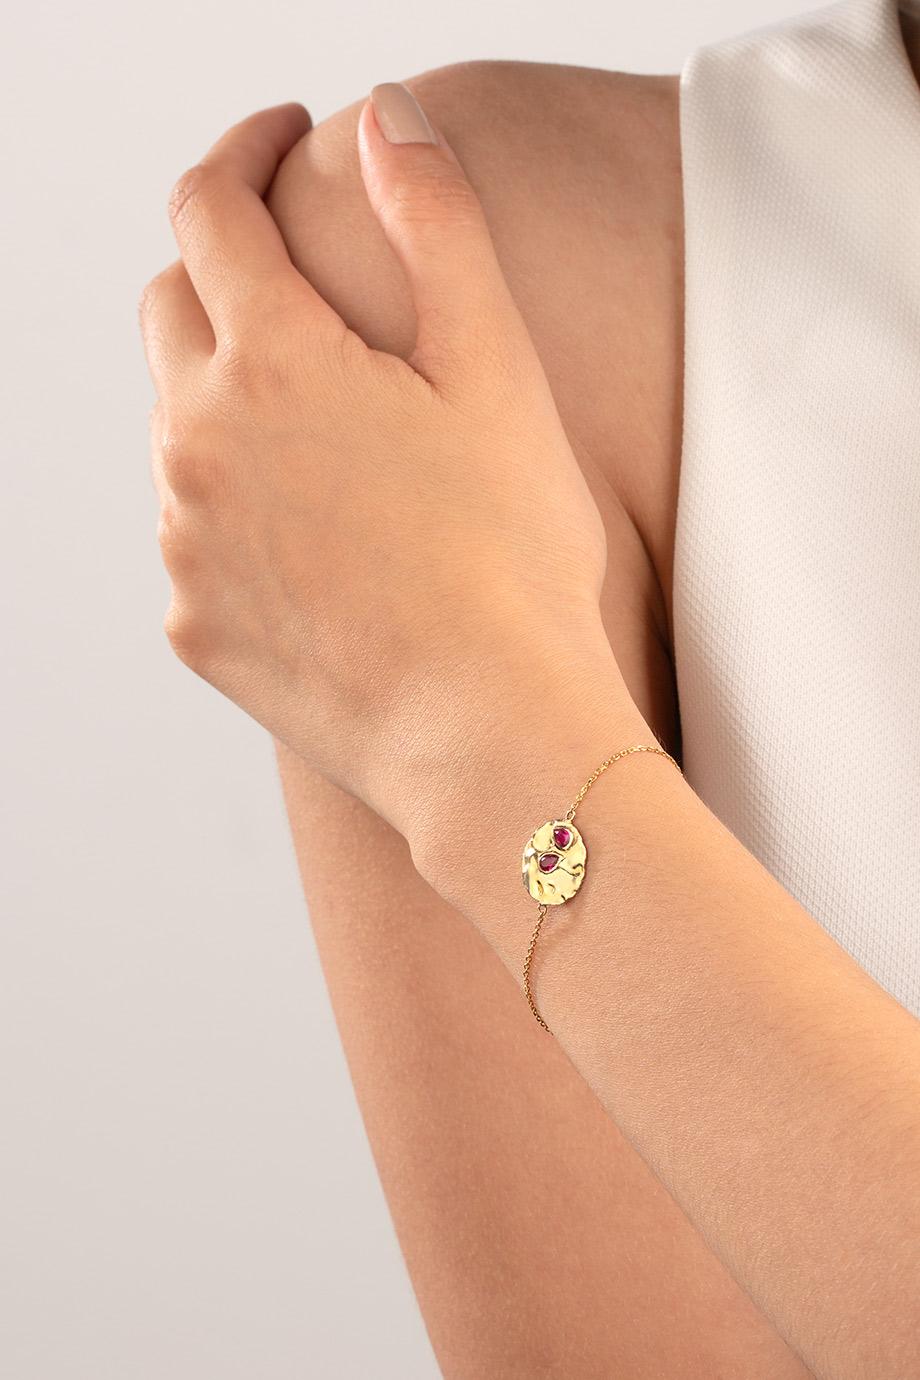 دستبند طلا دایره و یاقوت کوبیده